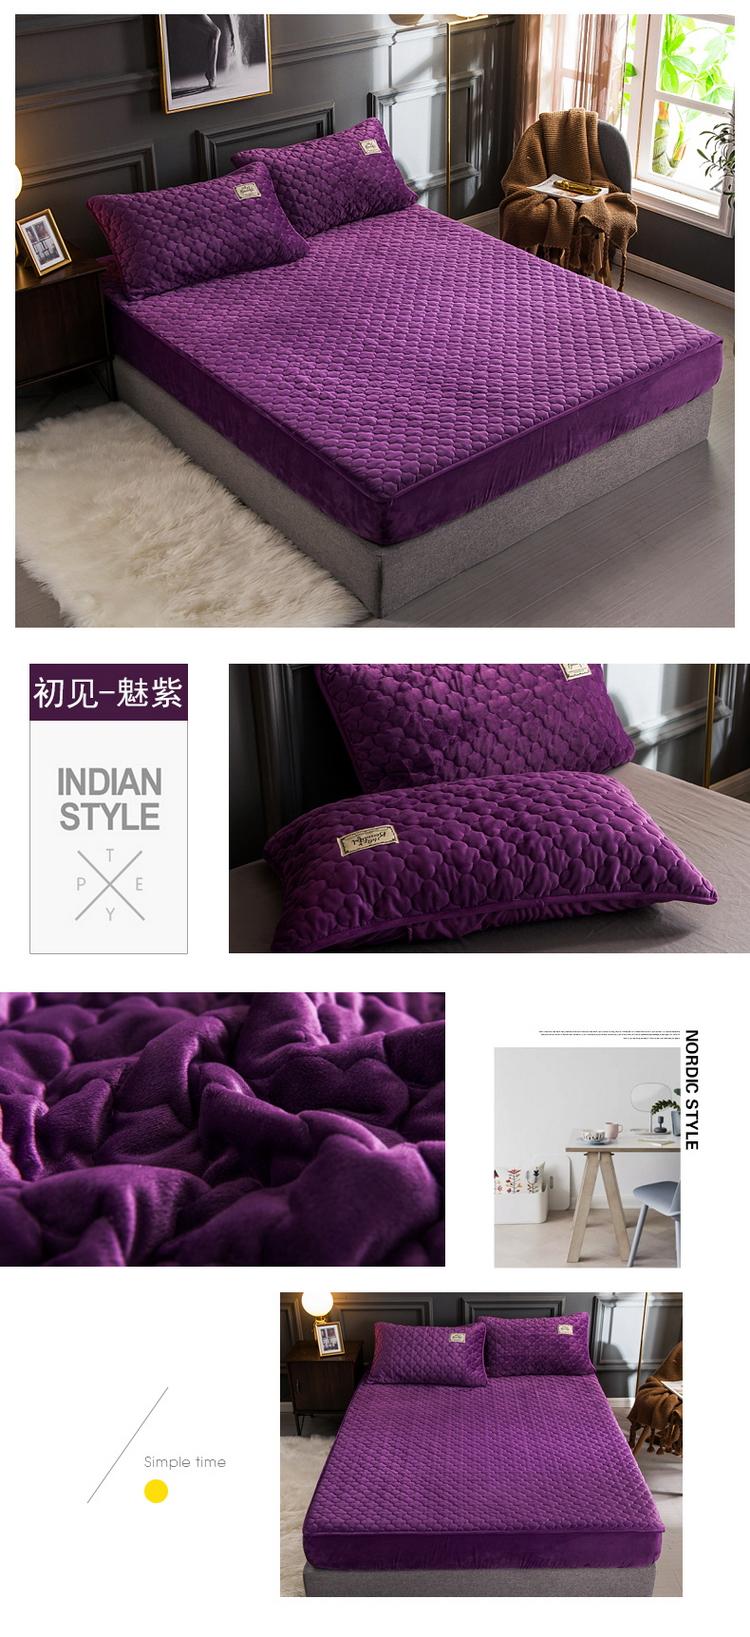 更多花型 初见 魅紫.jpg